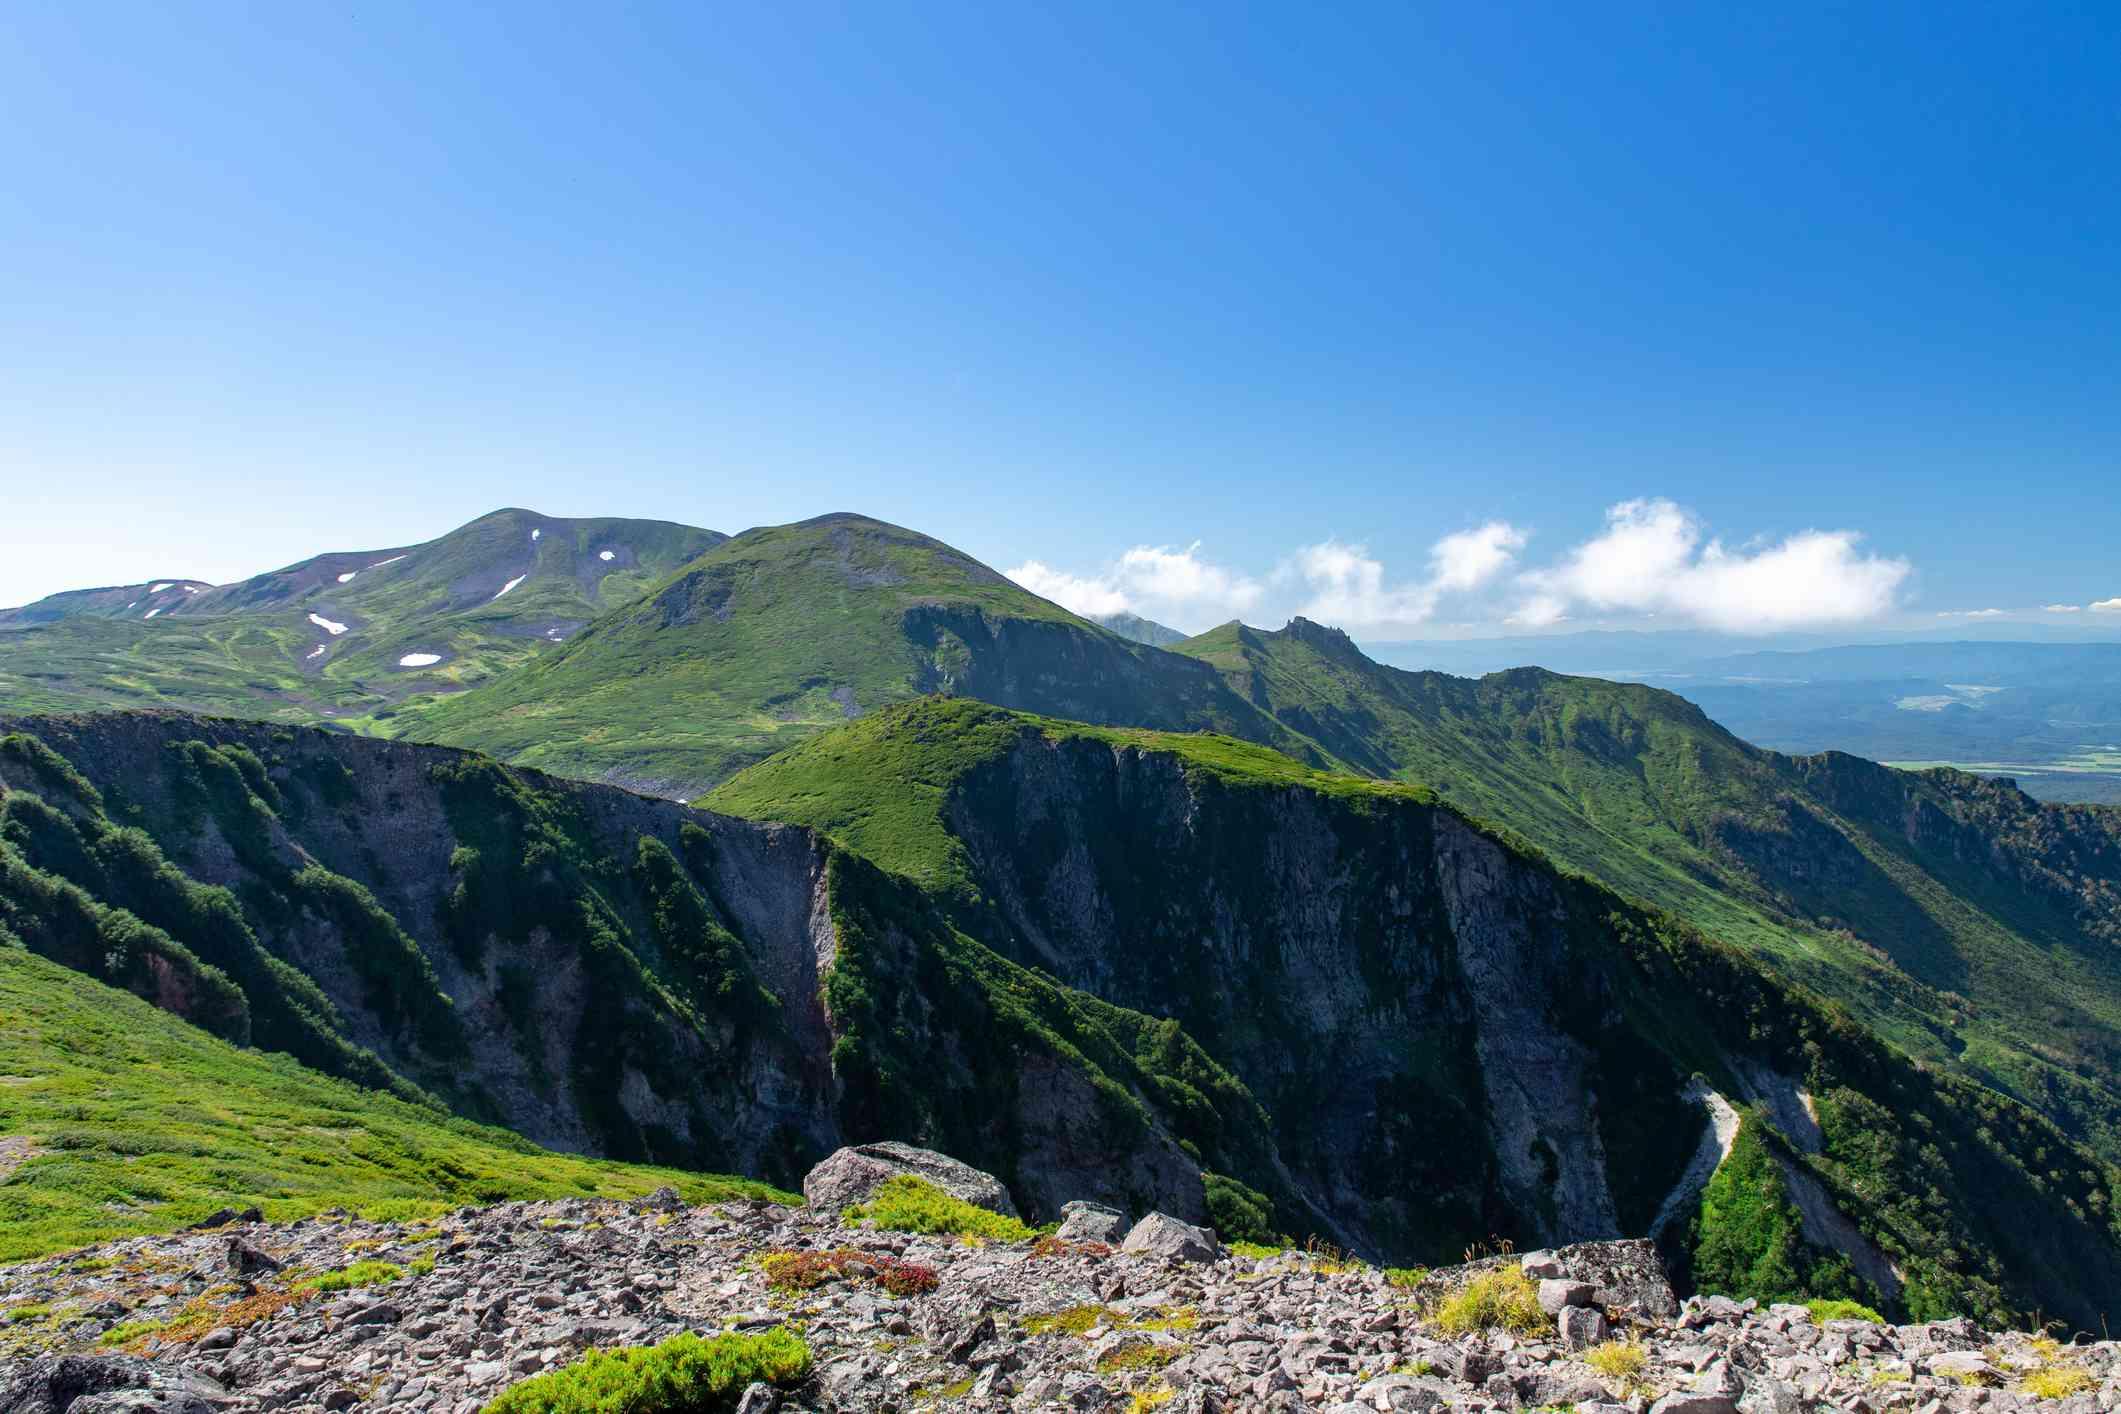 Mount Kurodake